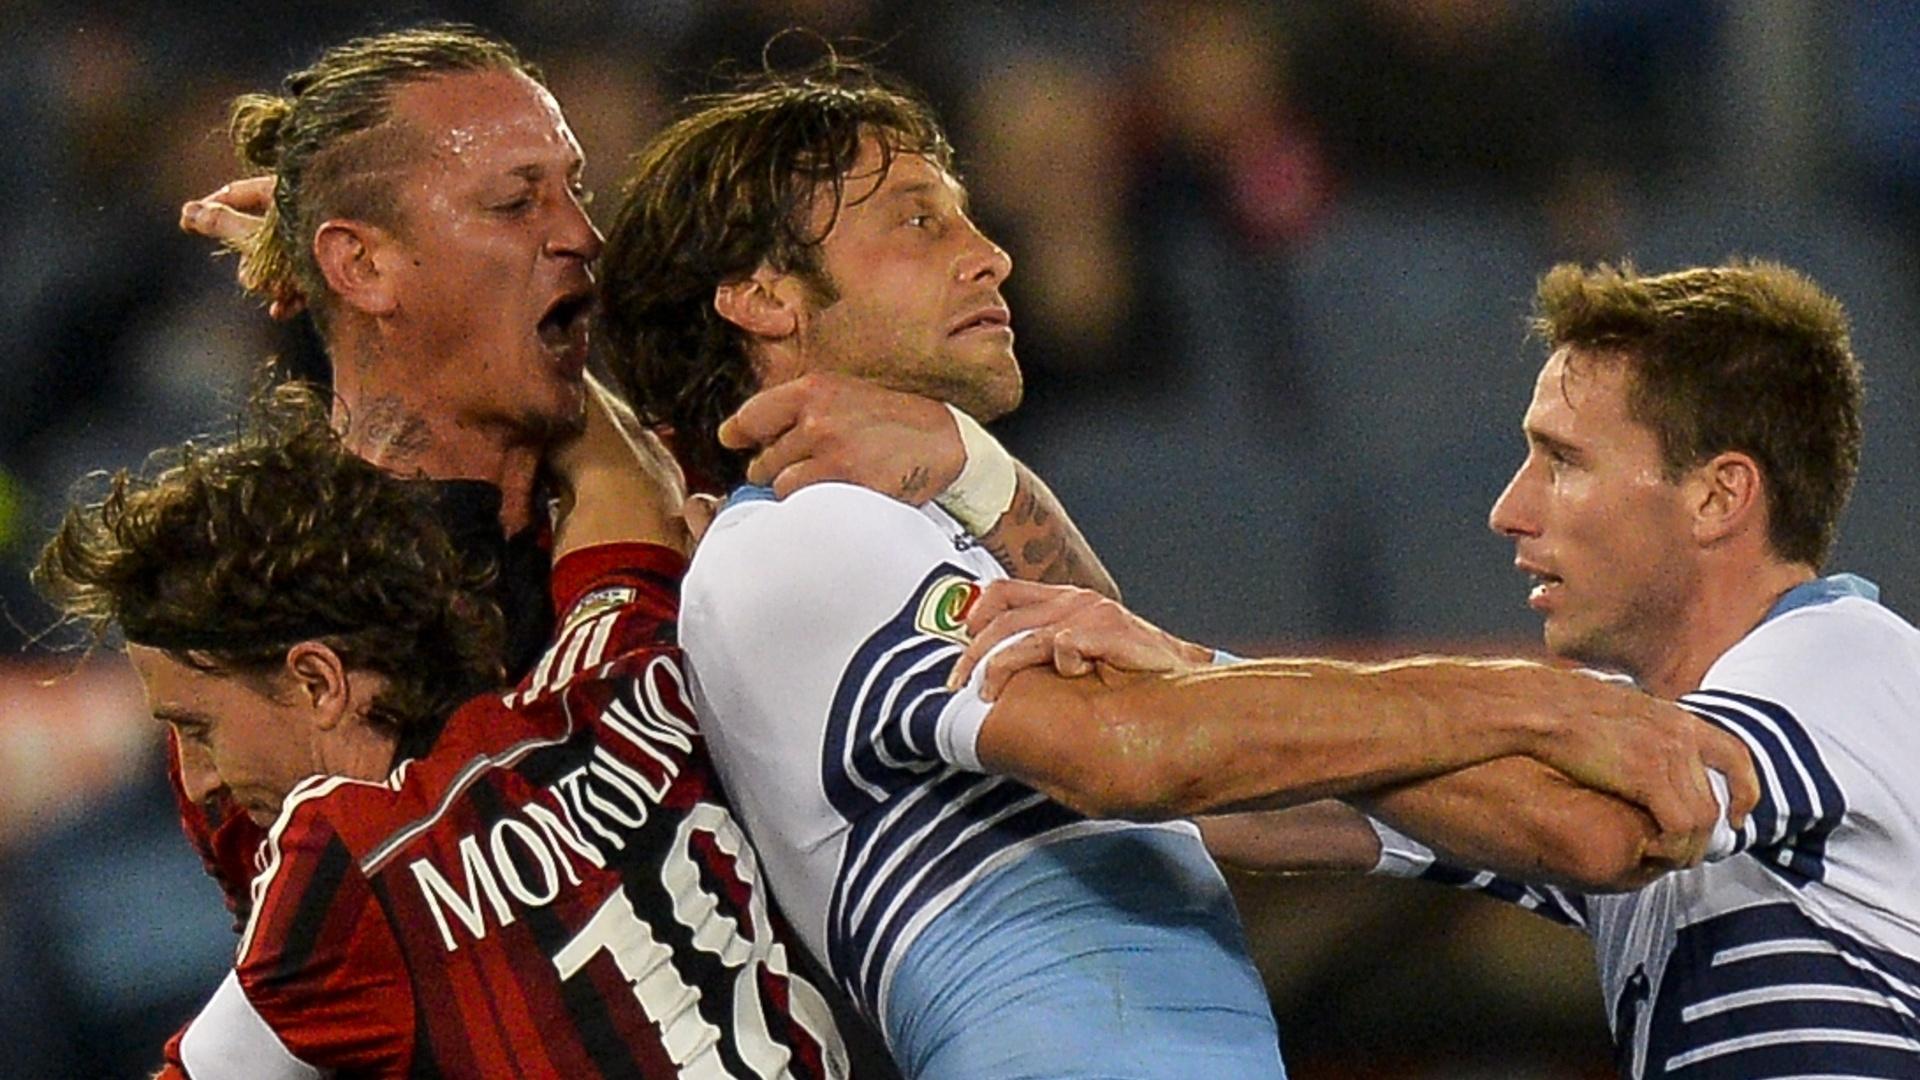 Mexes dá gravata em Mauri no fim da partida entre Lazio e Milan